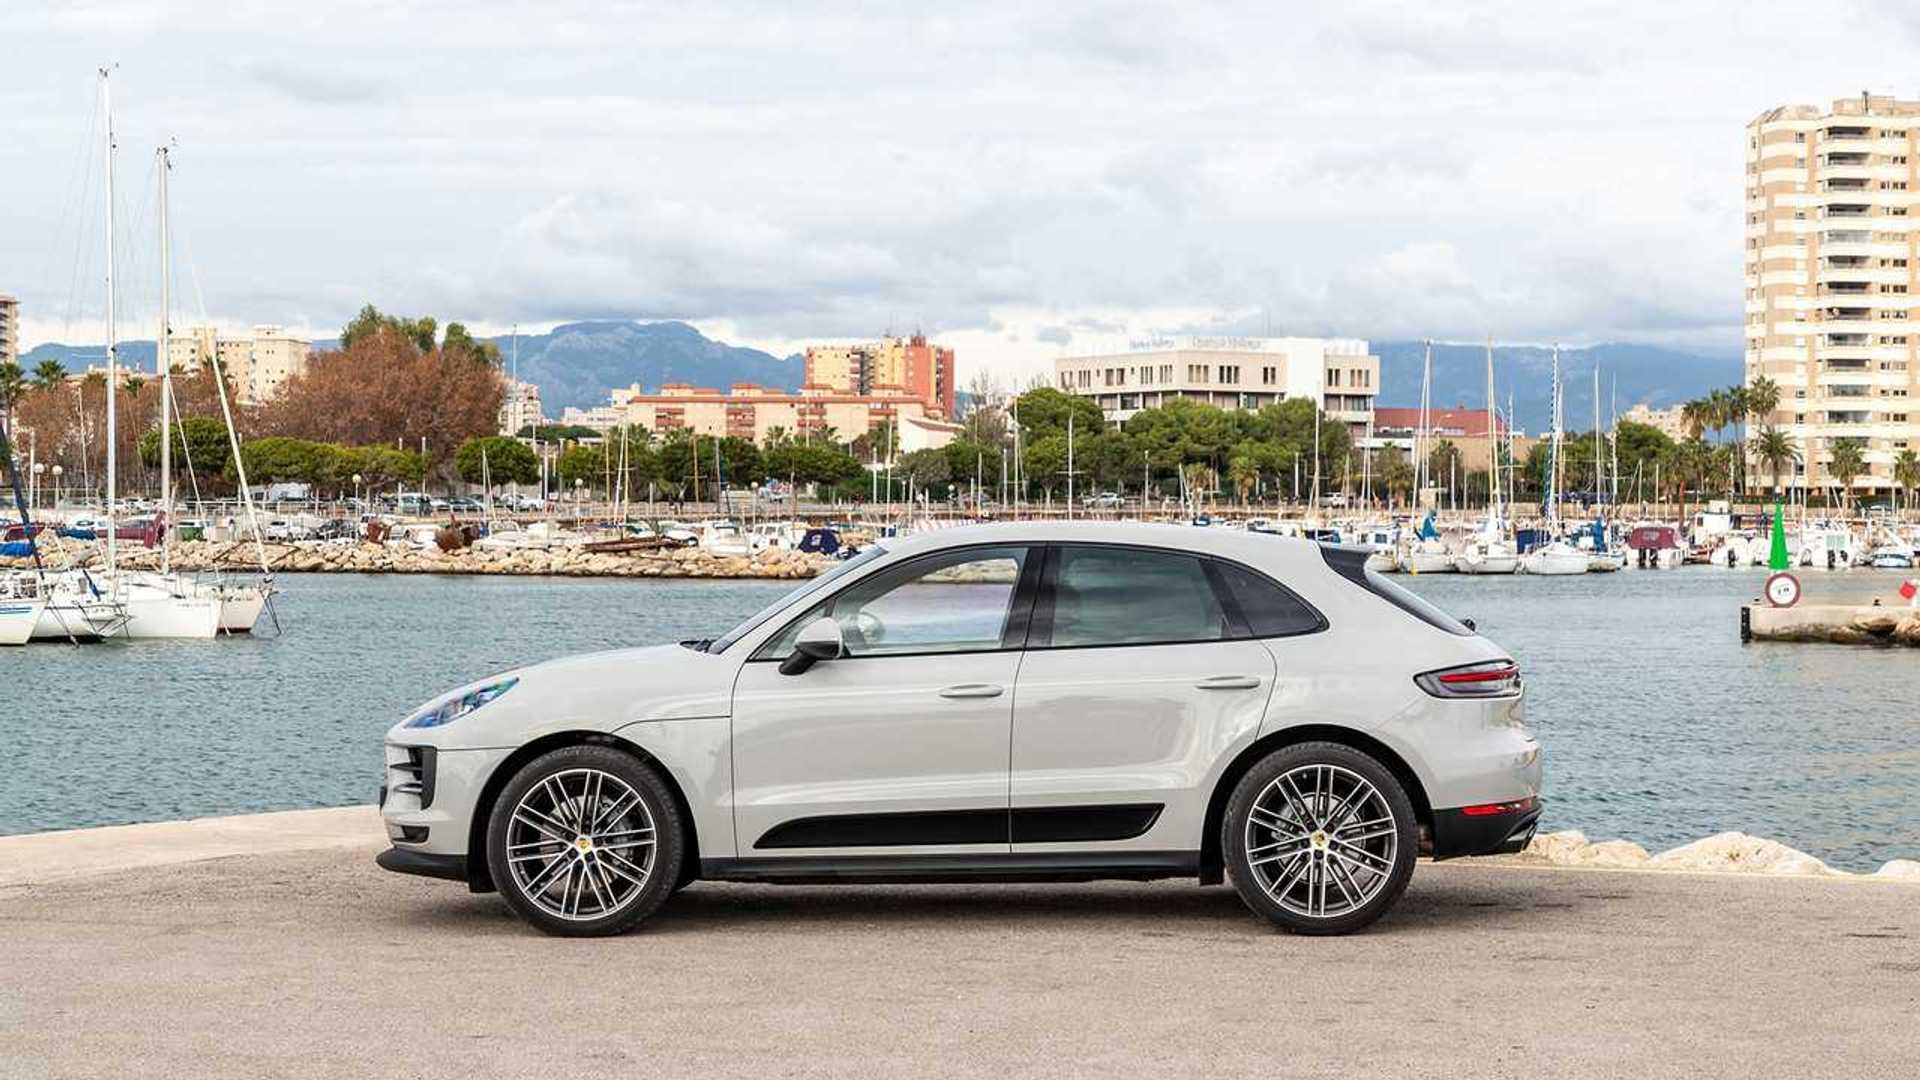 2020 Porsche Macan S, GTS, Interior, Hybrid >> 2019 Porsche Macan S First Drive Shifting The Balance